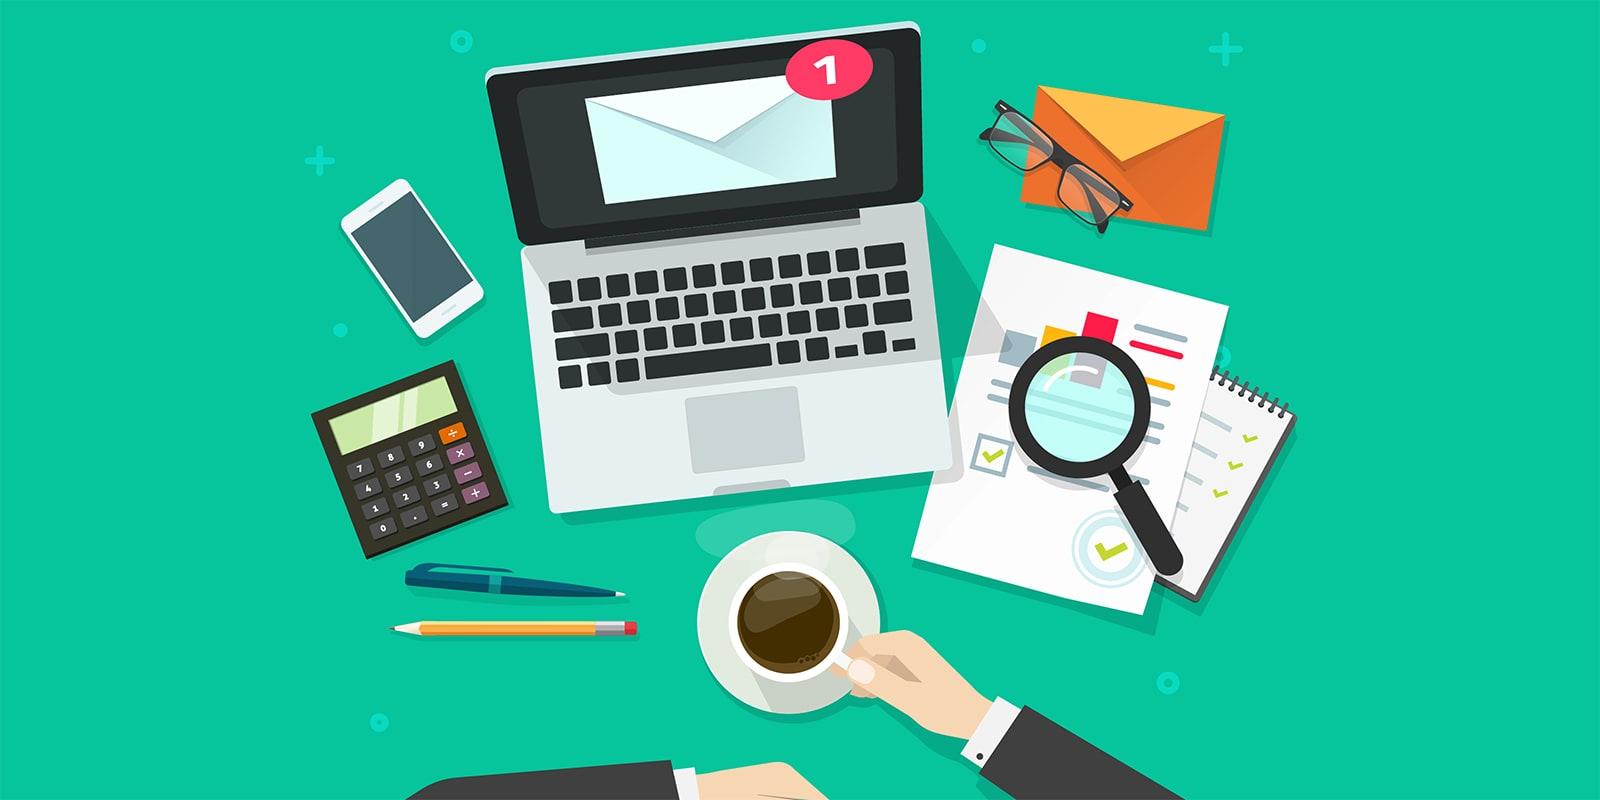 Social Media marketing tips graphic